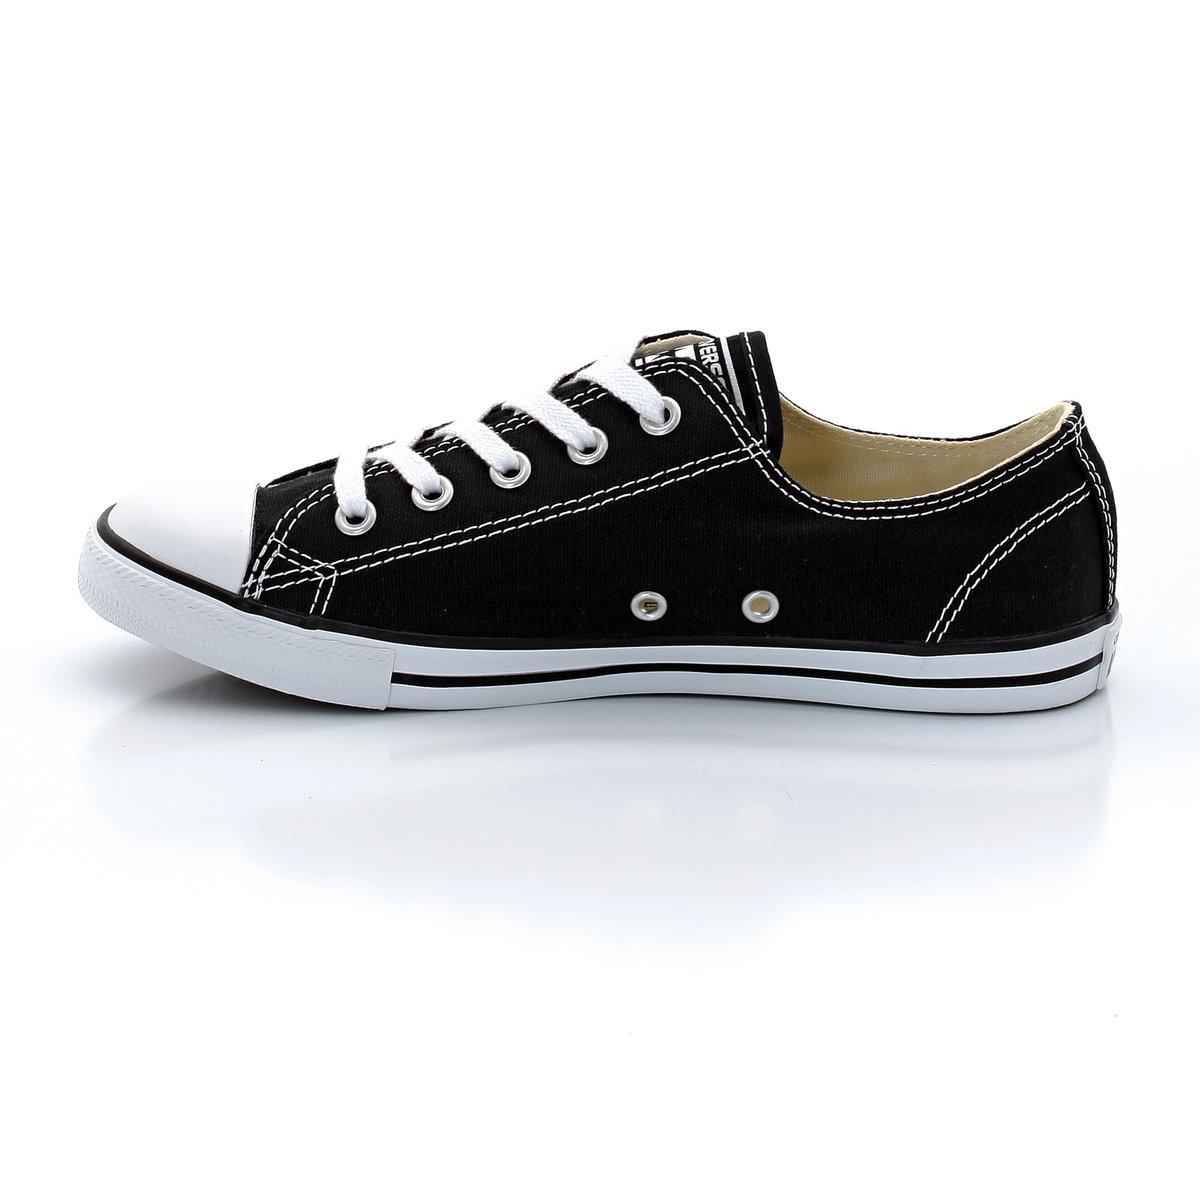 Imagen adicional 3 de producto de Zapatillas CTAS DAINTY CANVAS - Converse